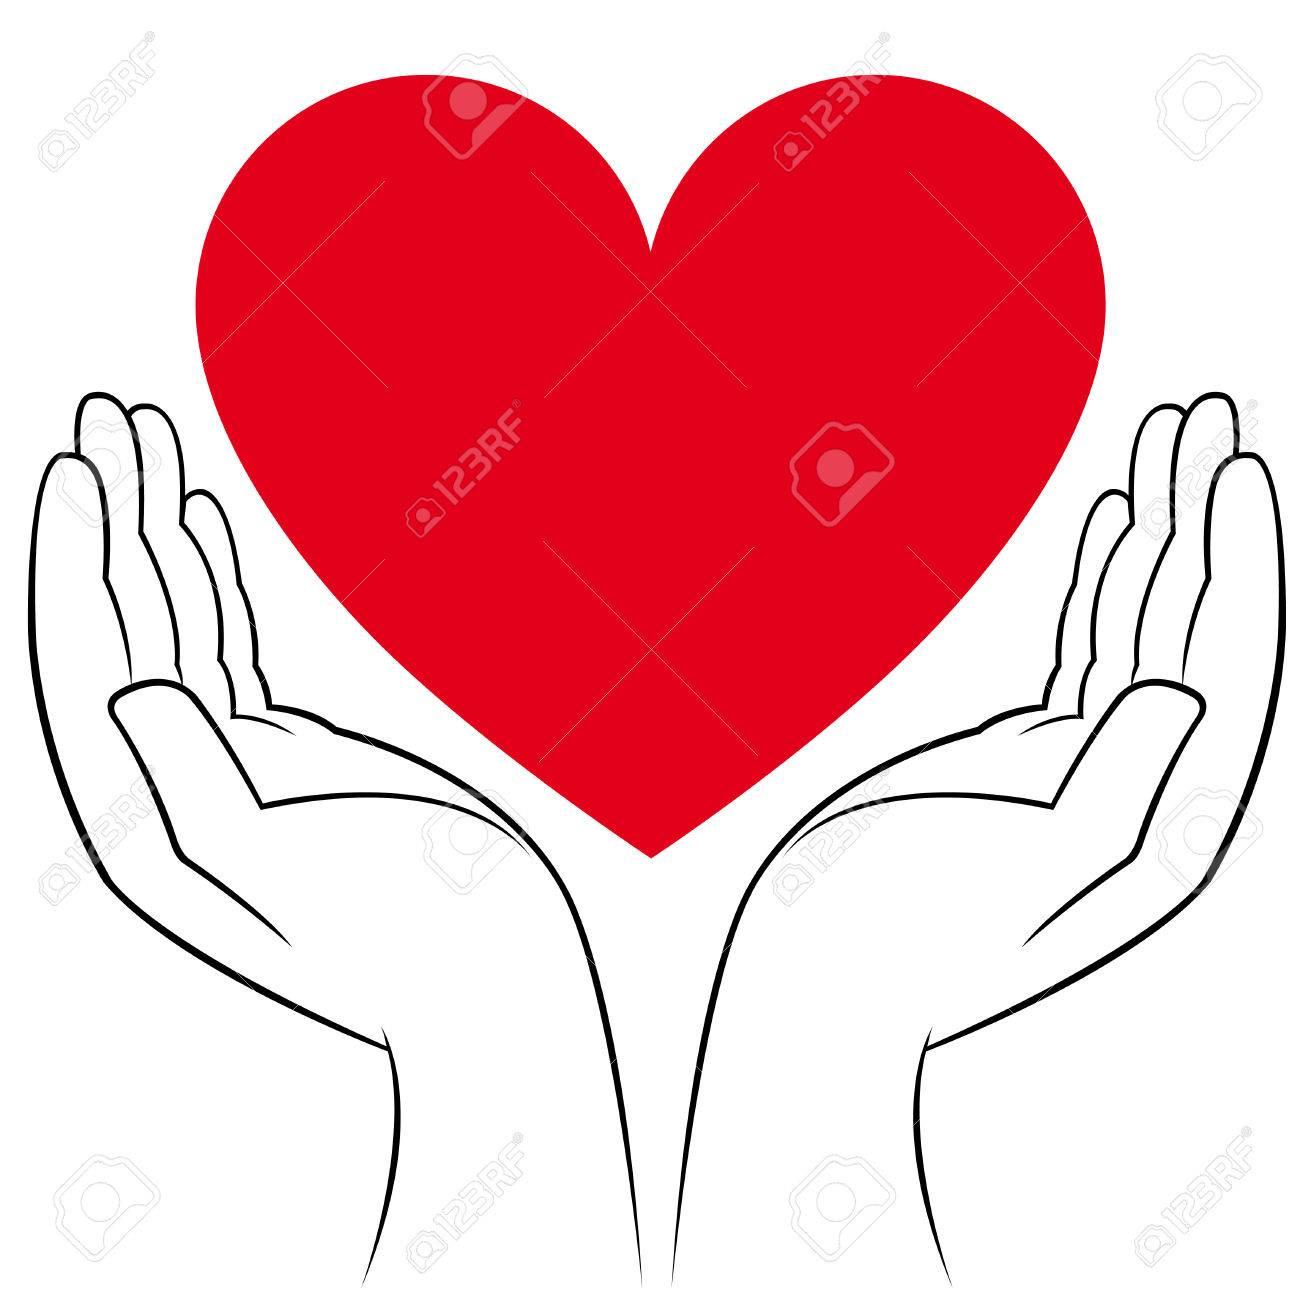 Manos Humanas Sosteniendo Un Corazón Medicina Y Voluntariado